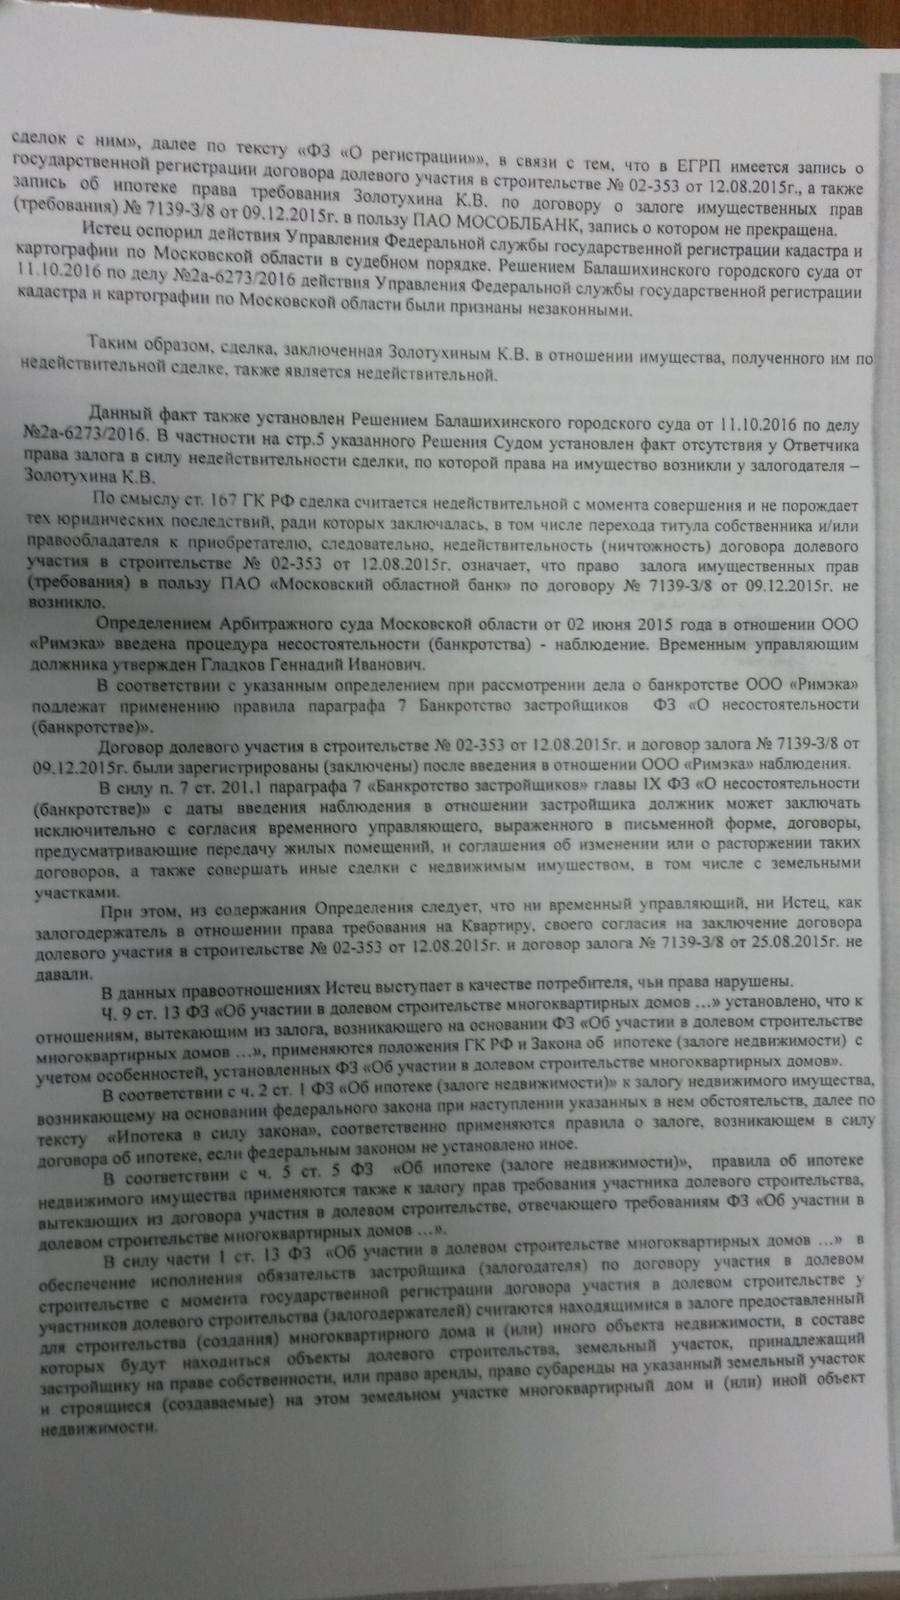 59dcef4d942f5_4.jpg